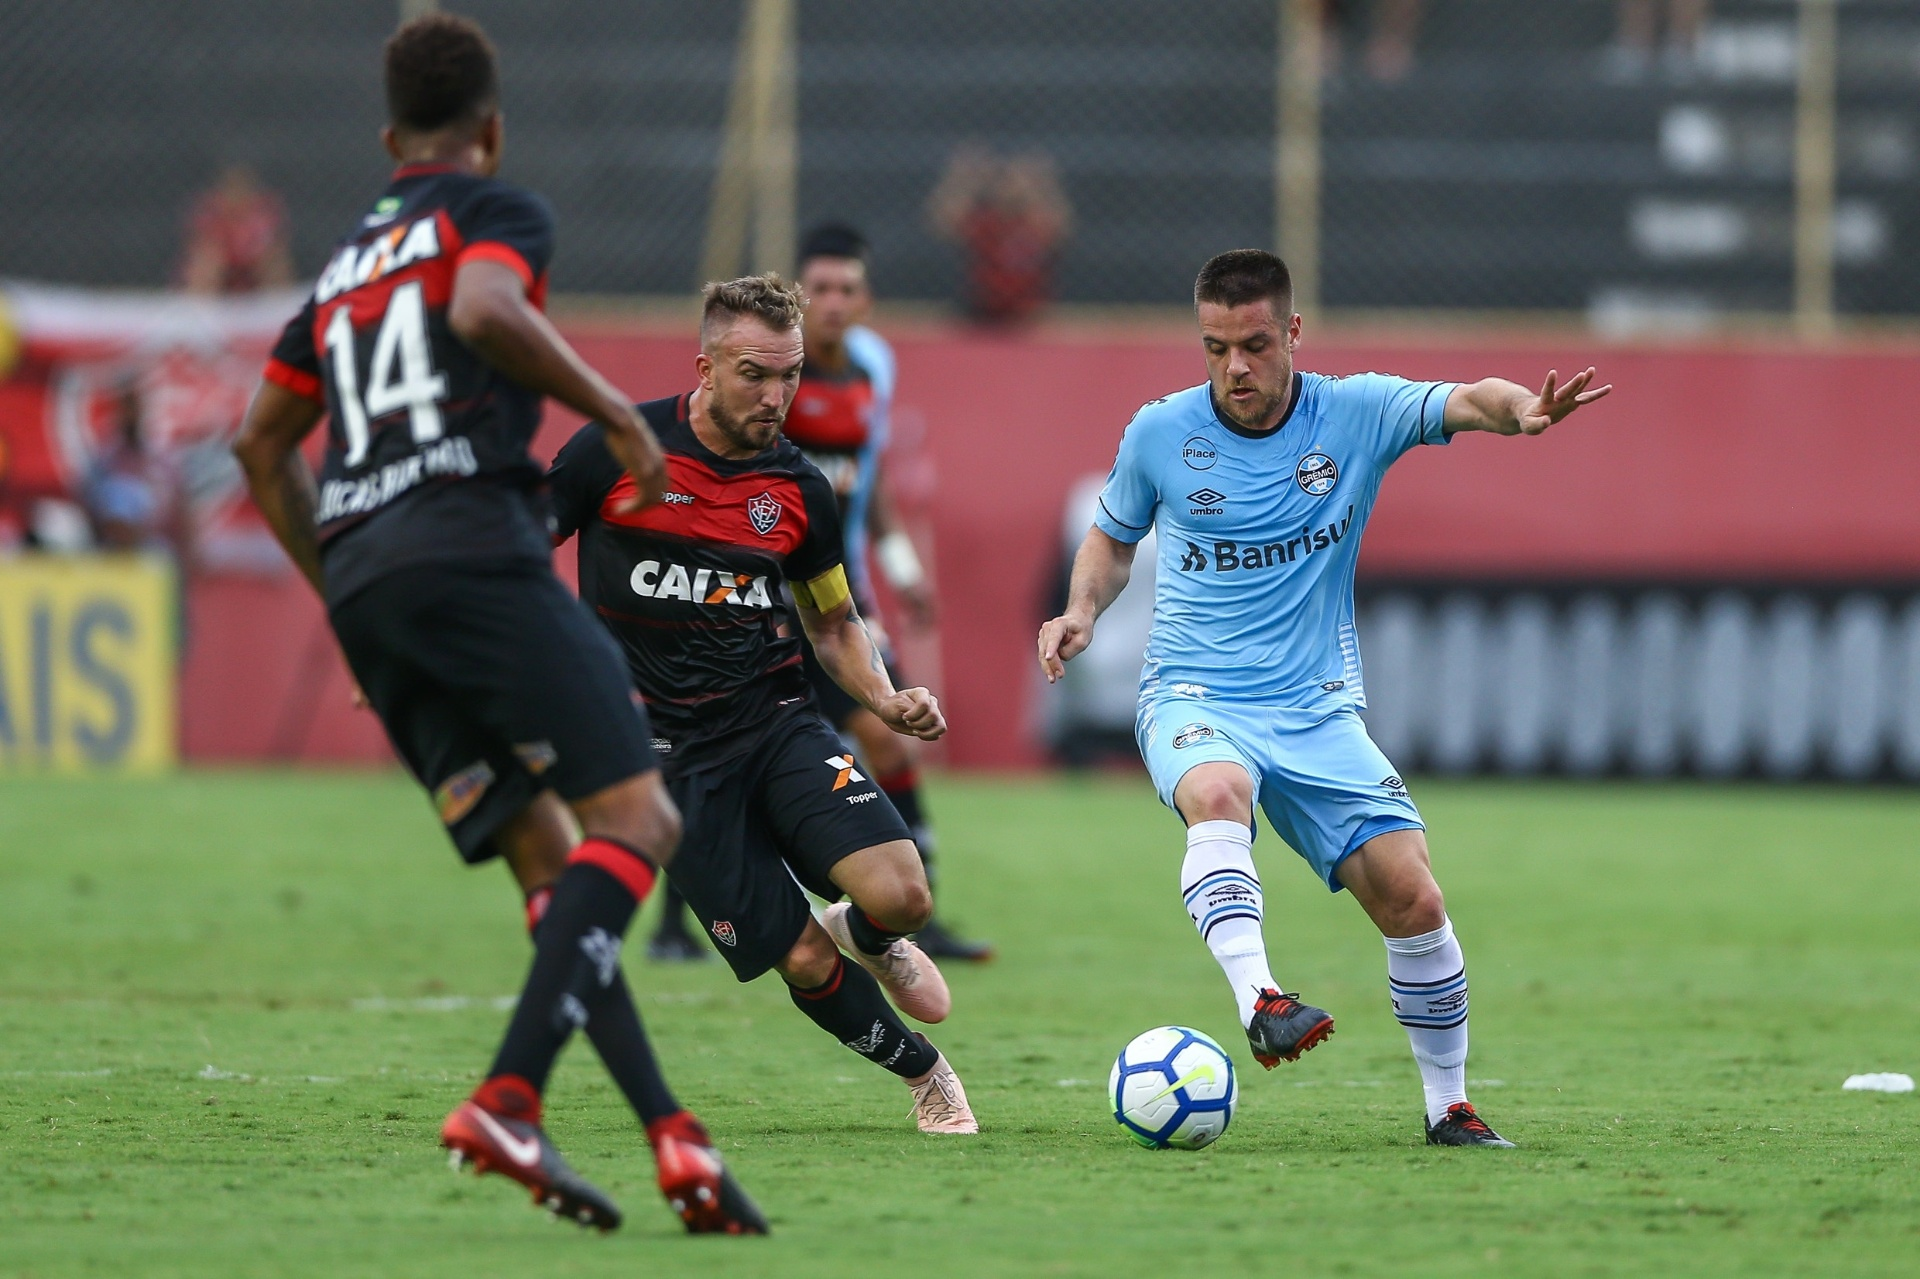 Grêmio só empata com Vitória e pode perder quarto lugar para o São Paulo -  25 11 2018 - UOL Esporte eac3976d65fa9